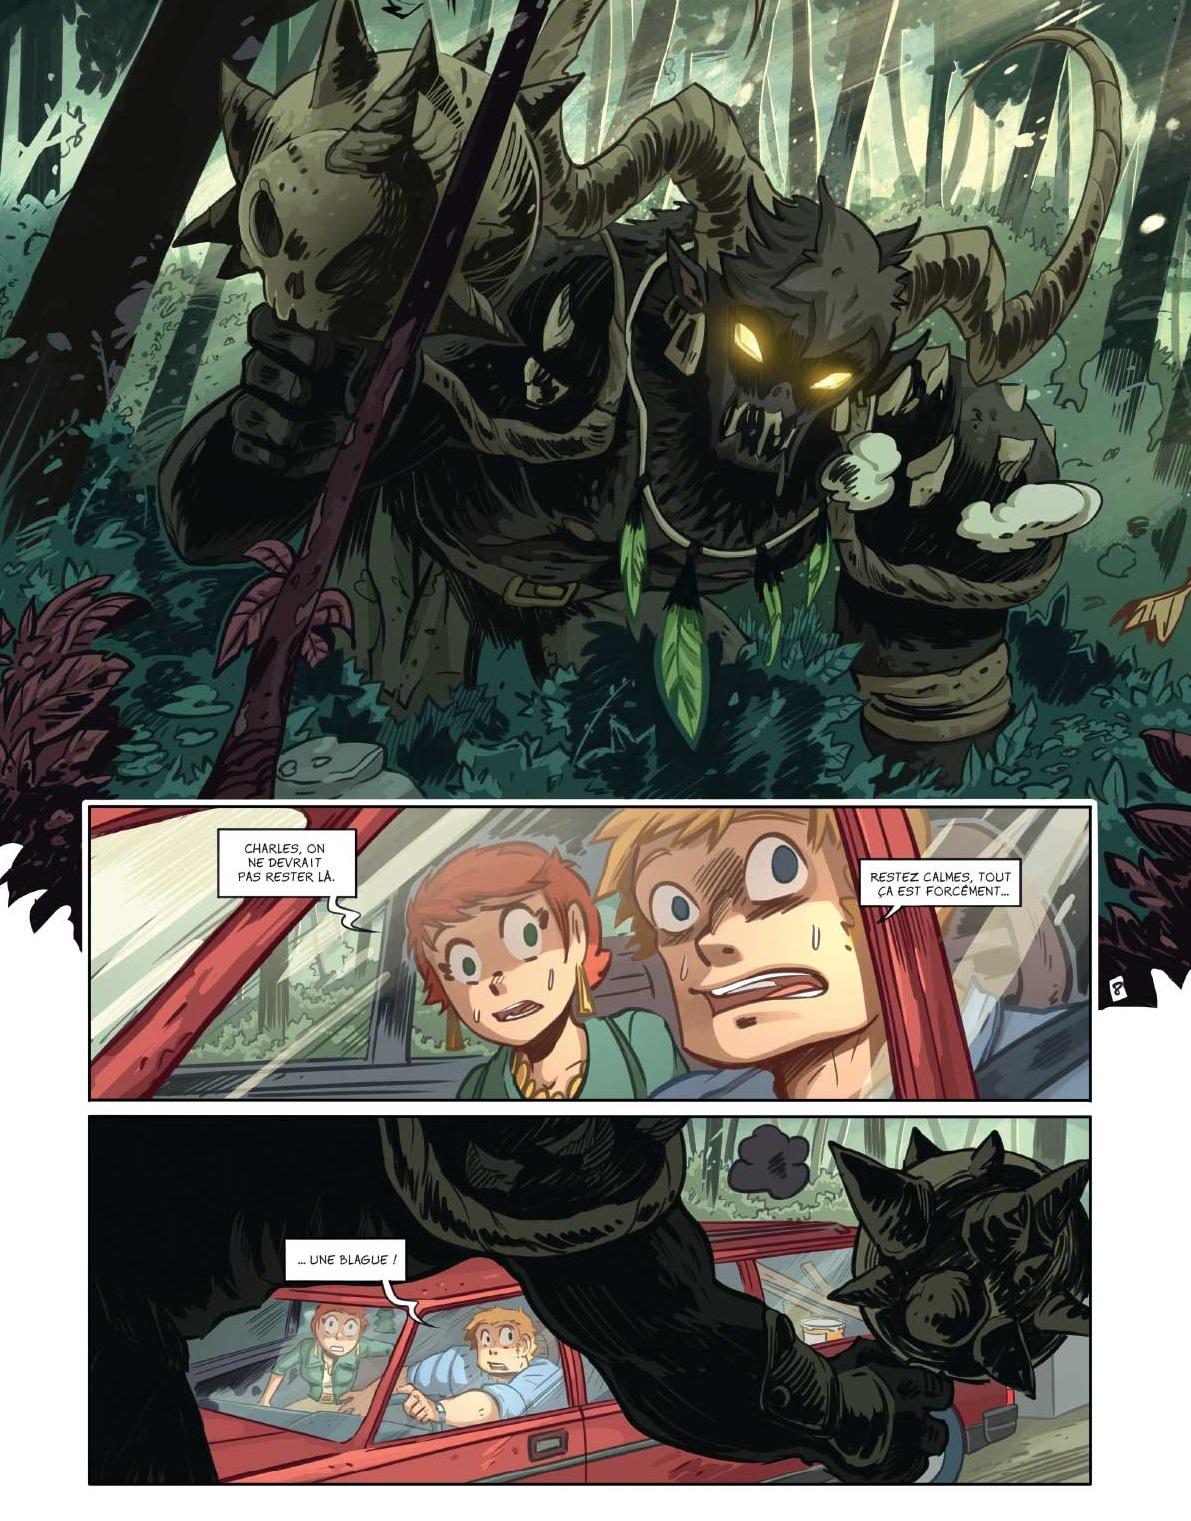 La Famille fantastique page 10